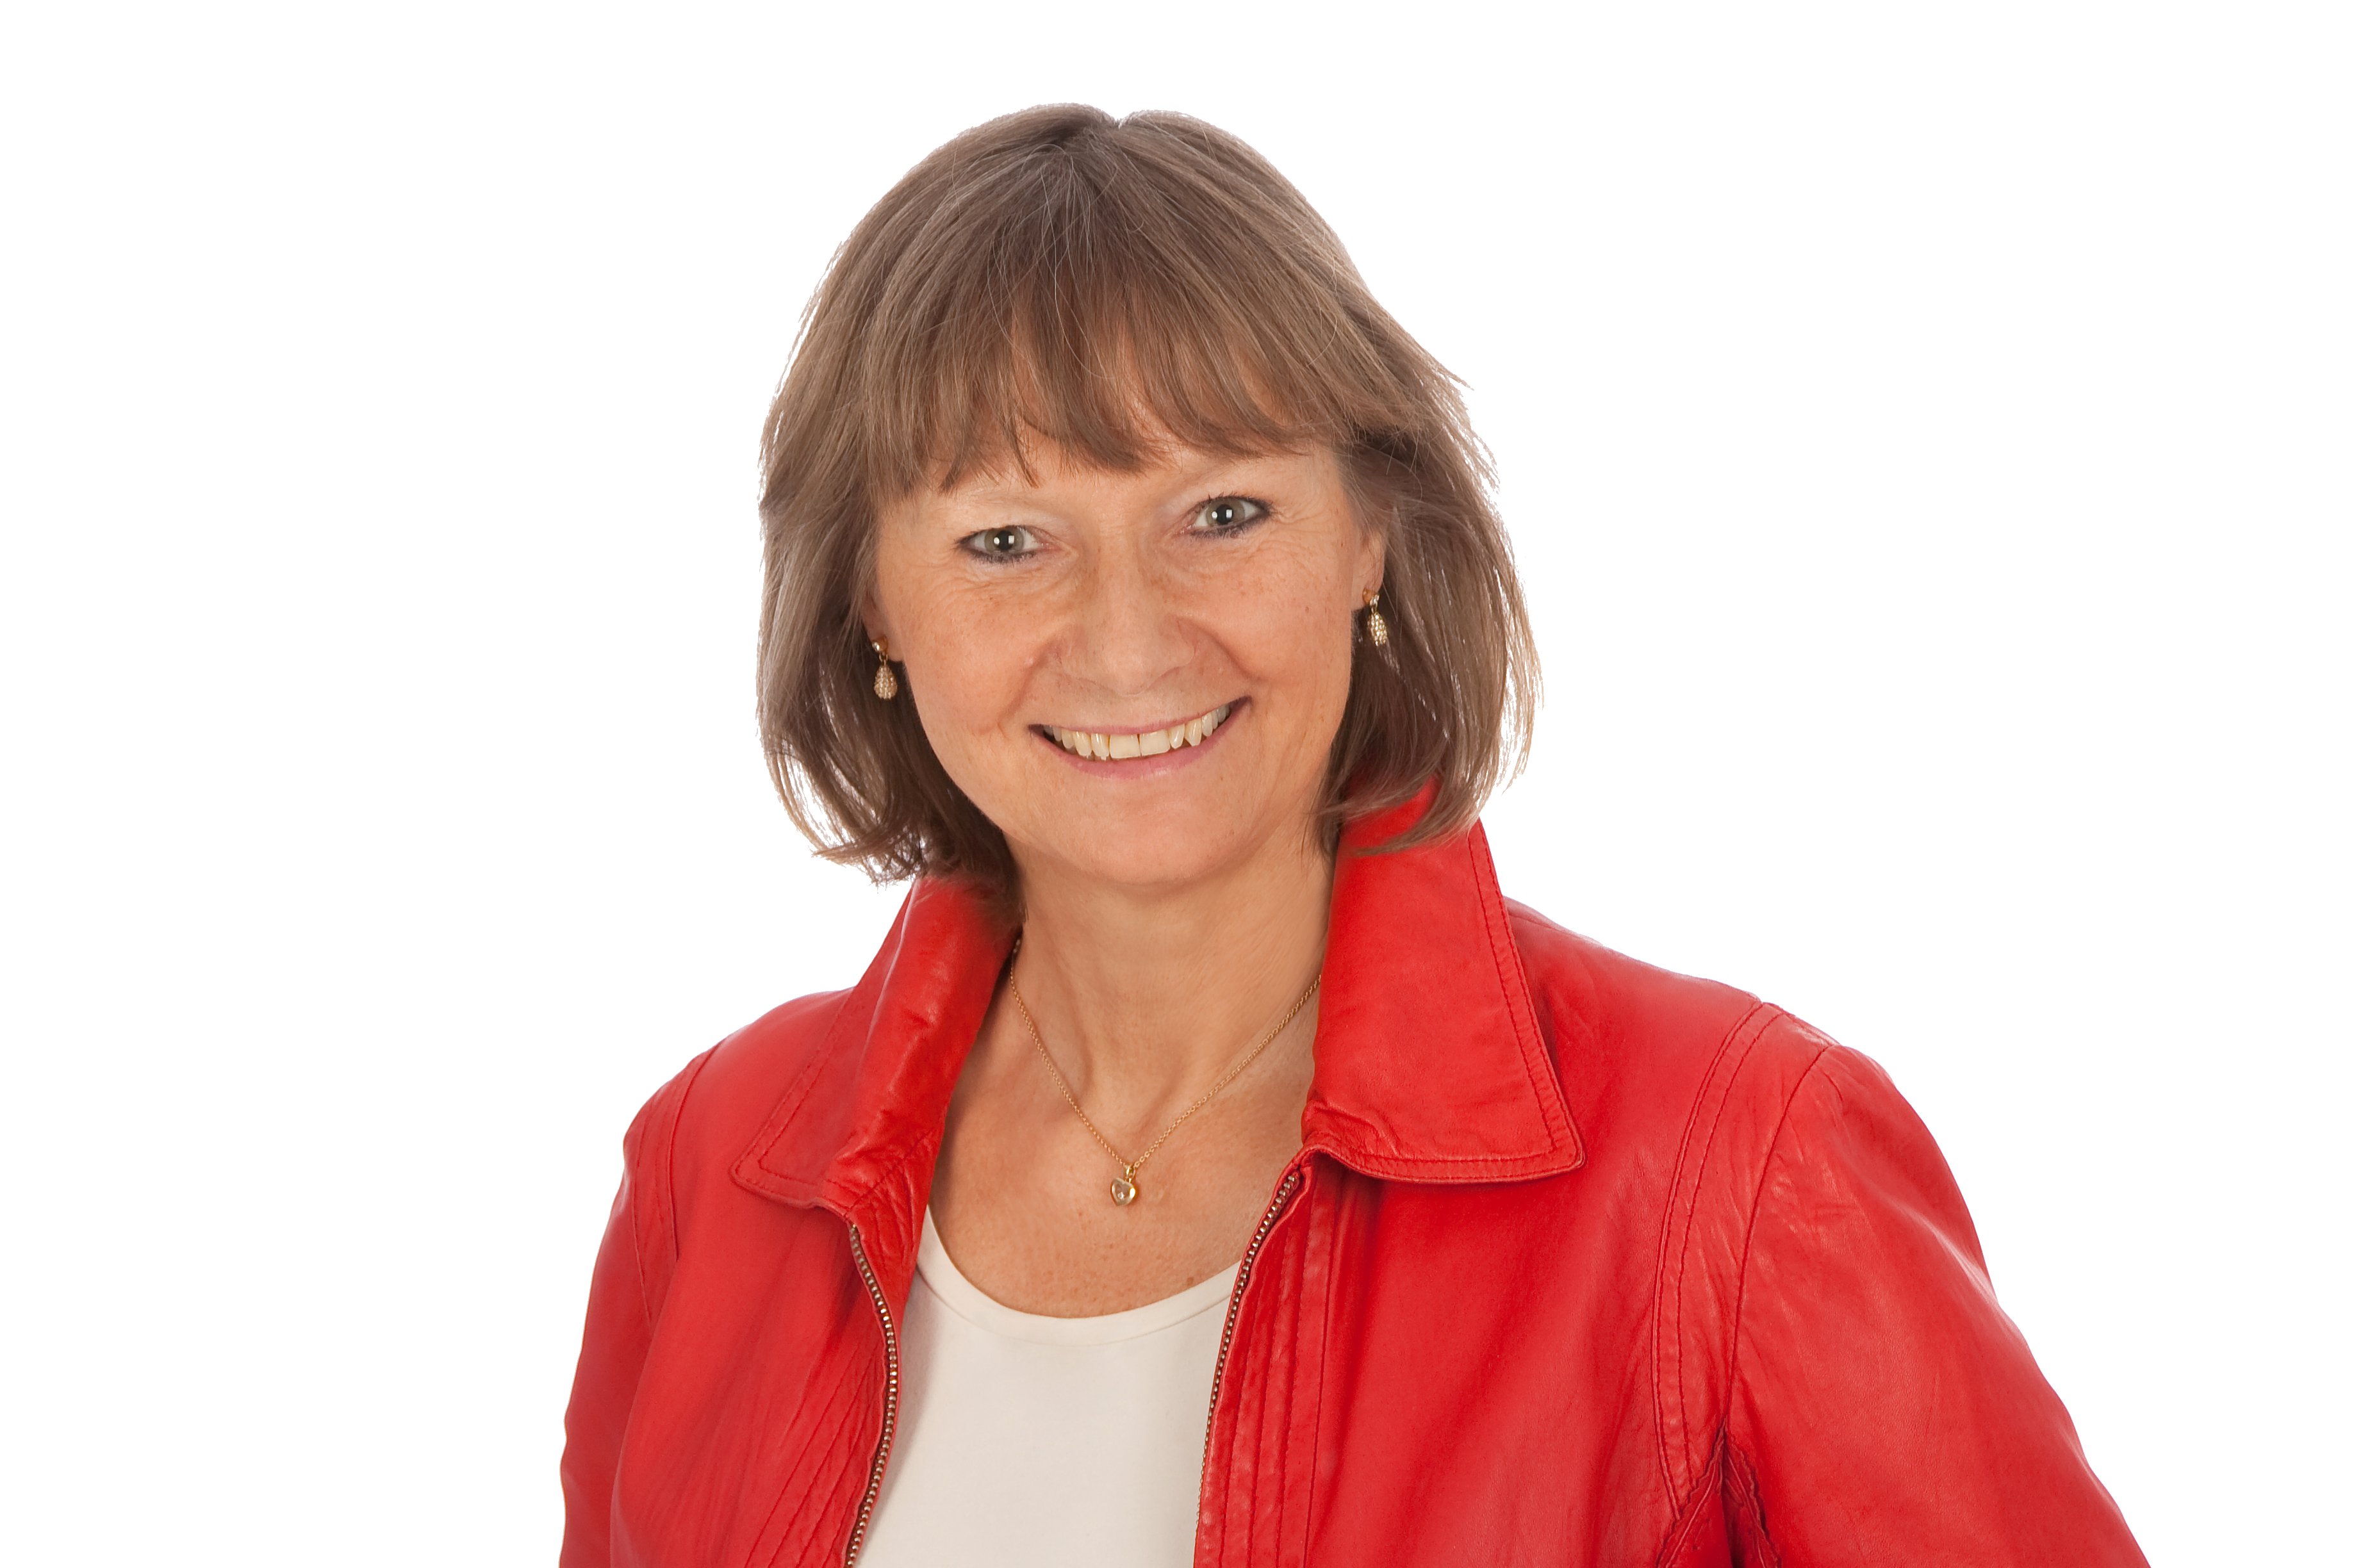 Marion Weiser